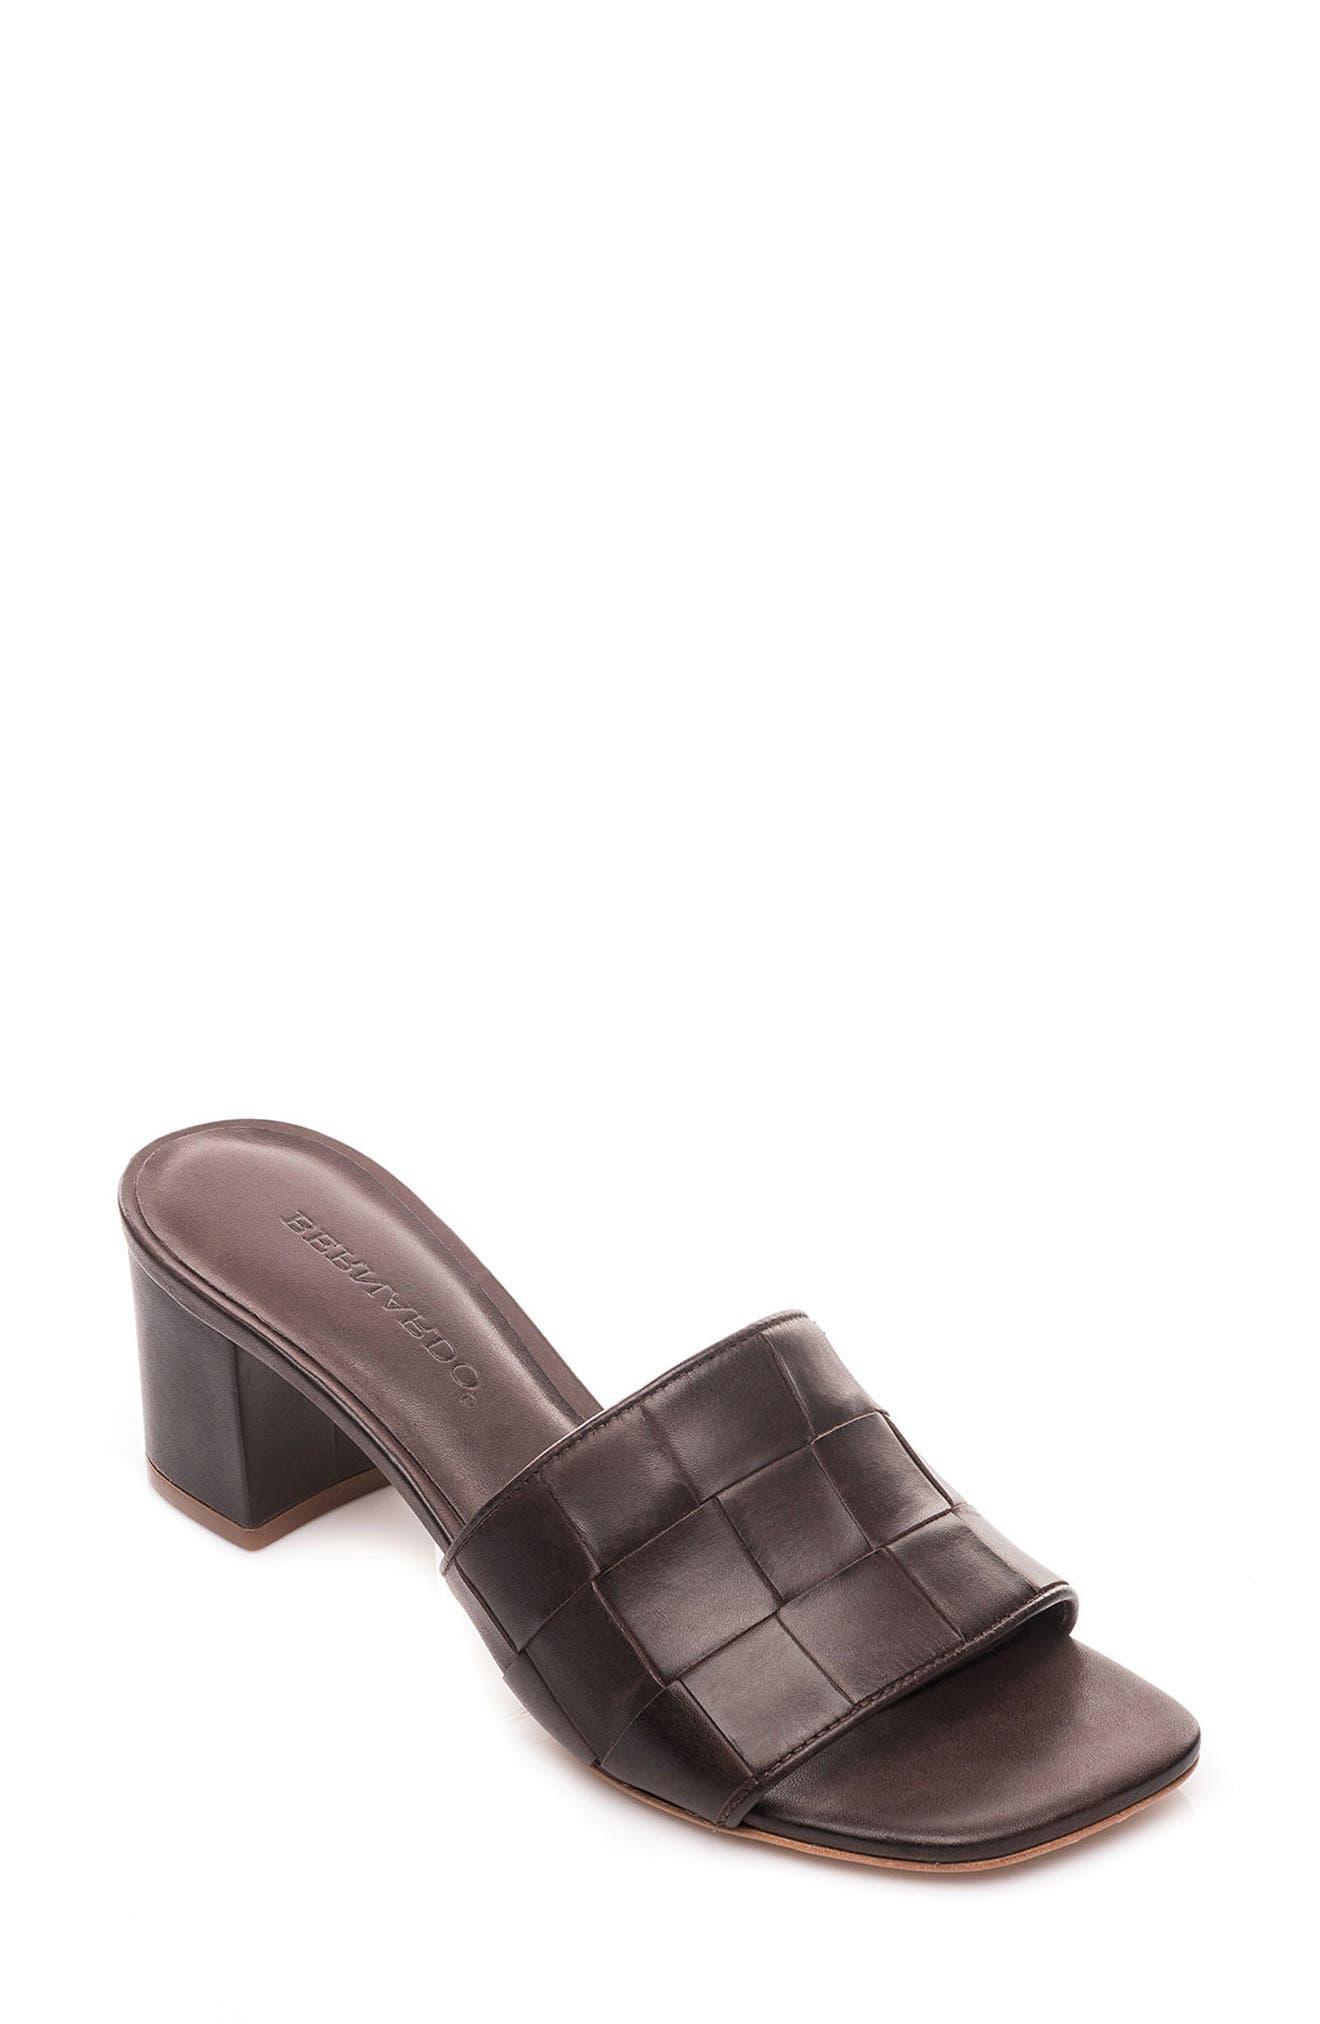 Bernardo Bridget Block Heel Sandal,                             Main thumbnail 3, color,